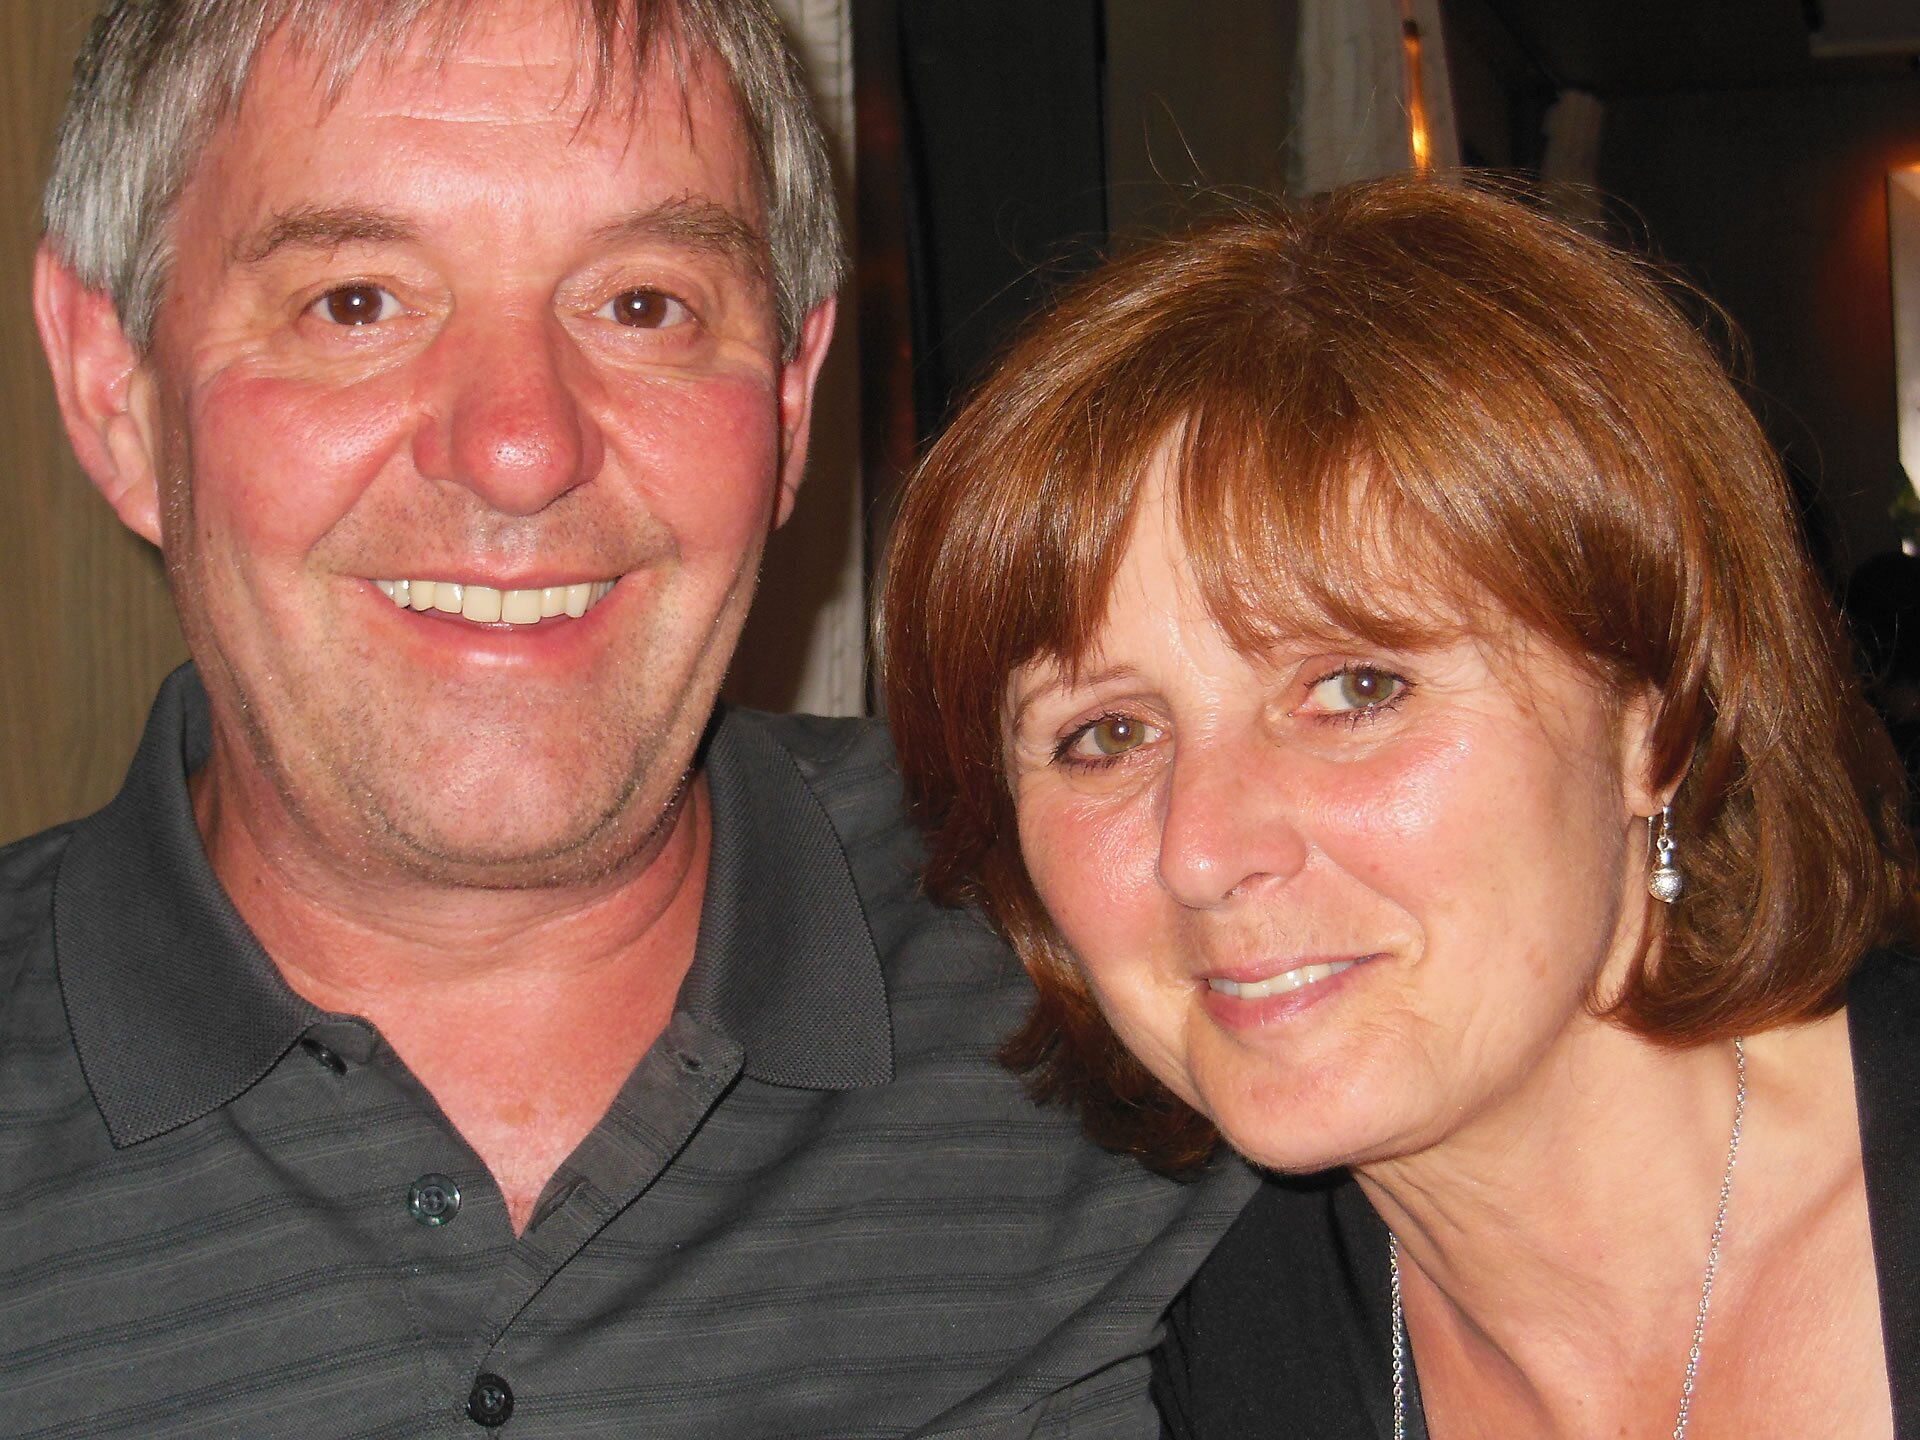 Christa und Berhard Scholz